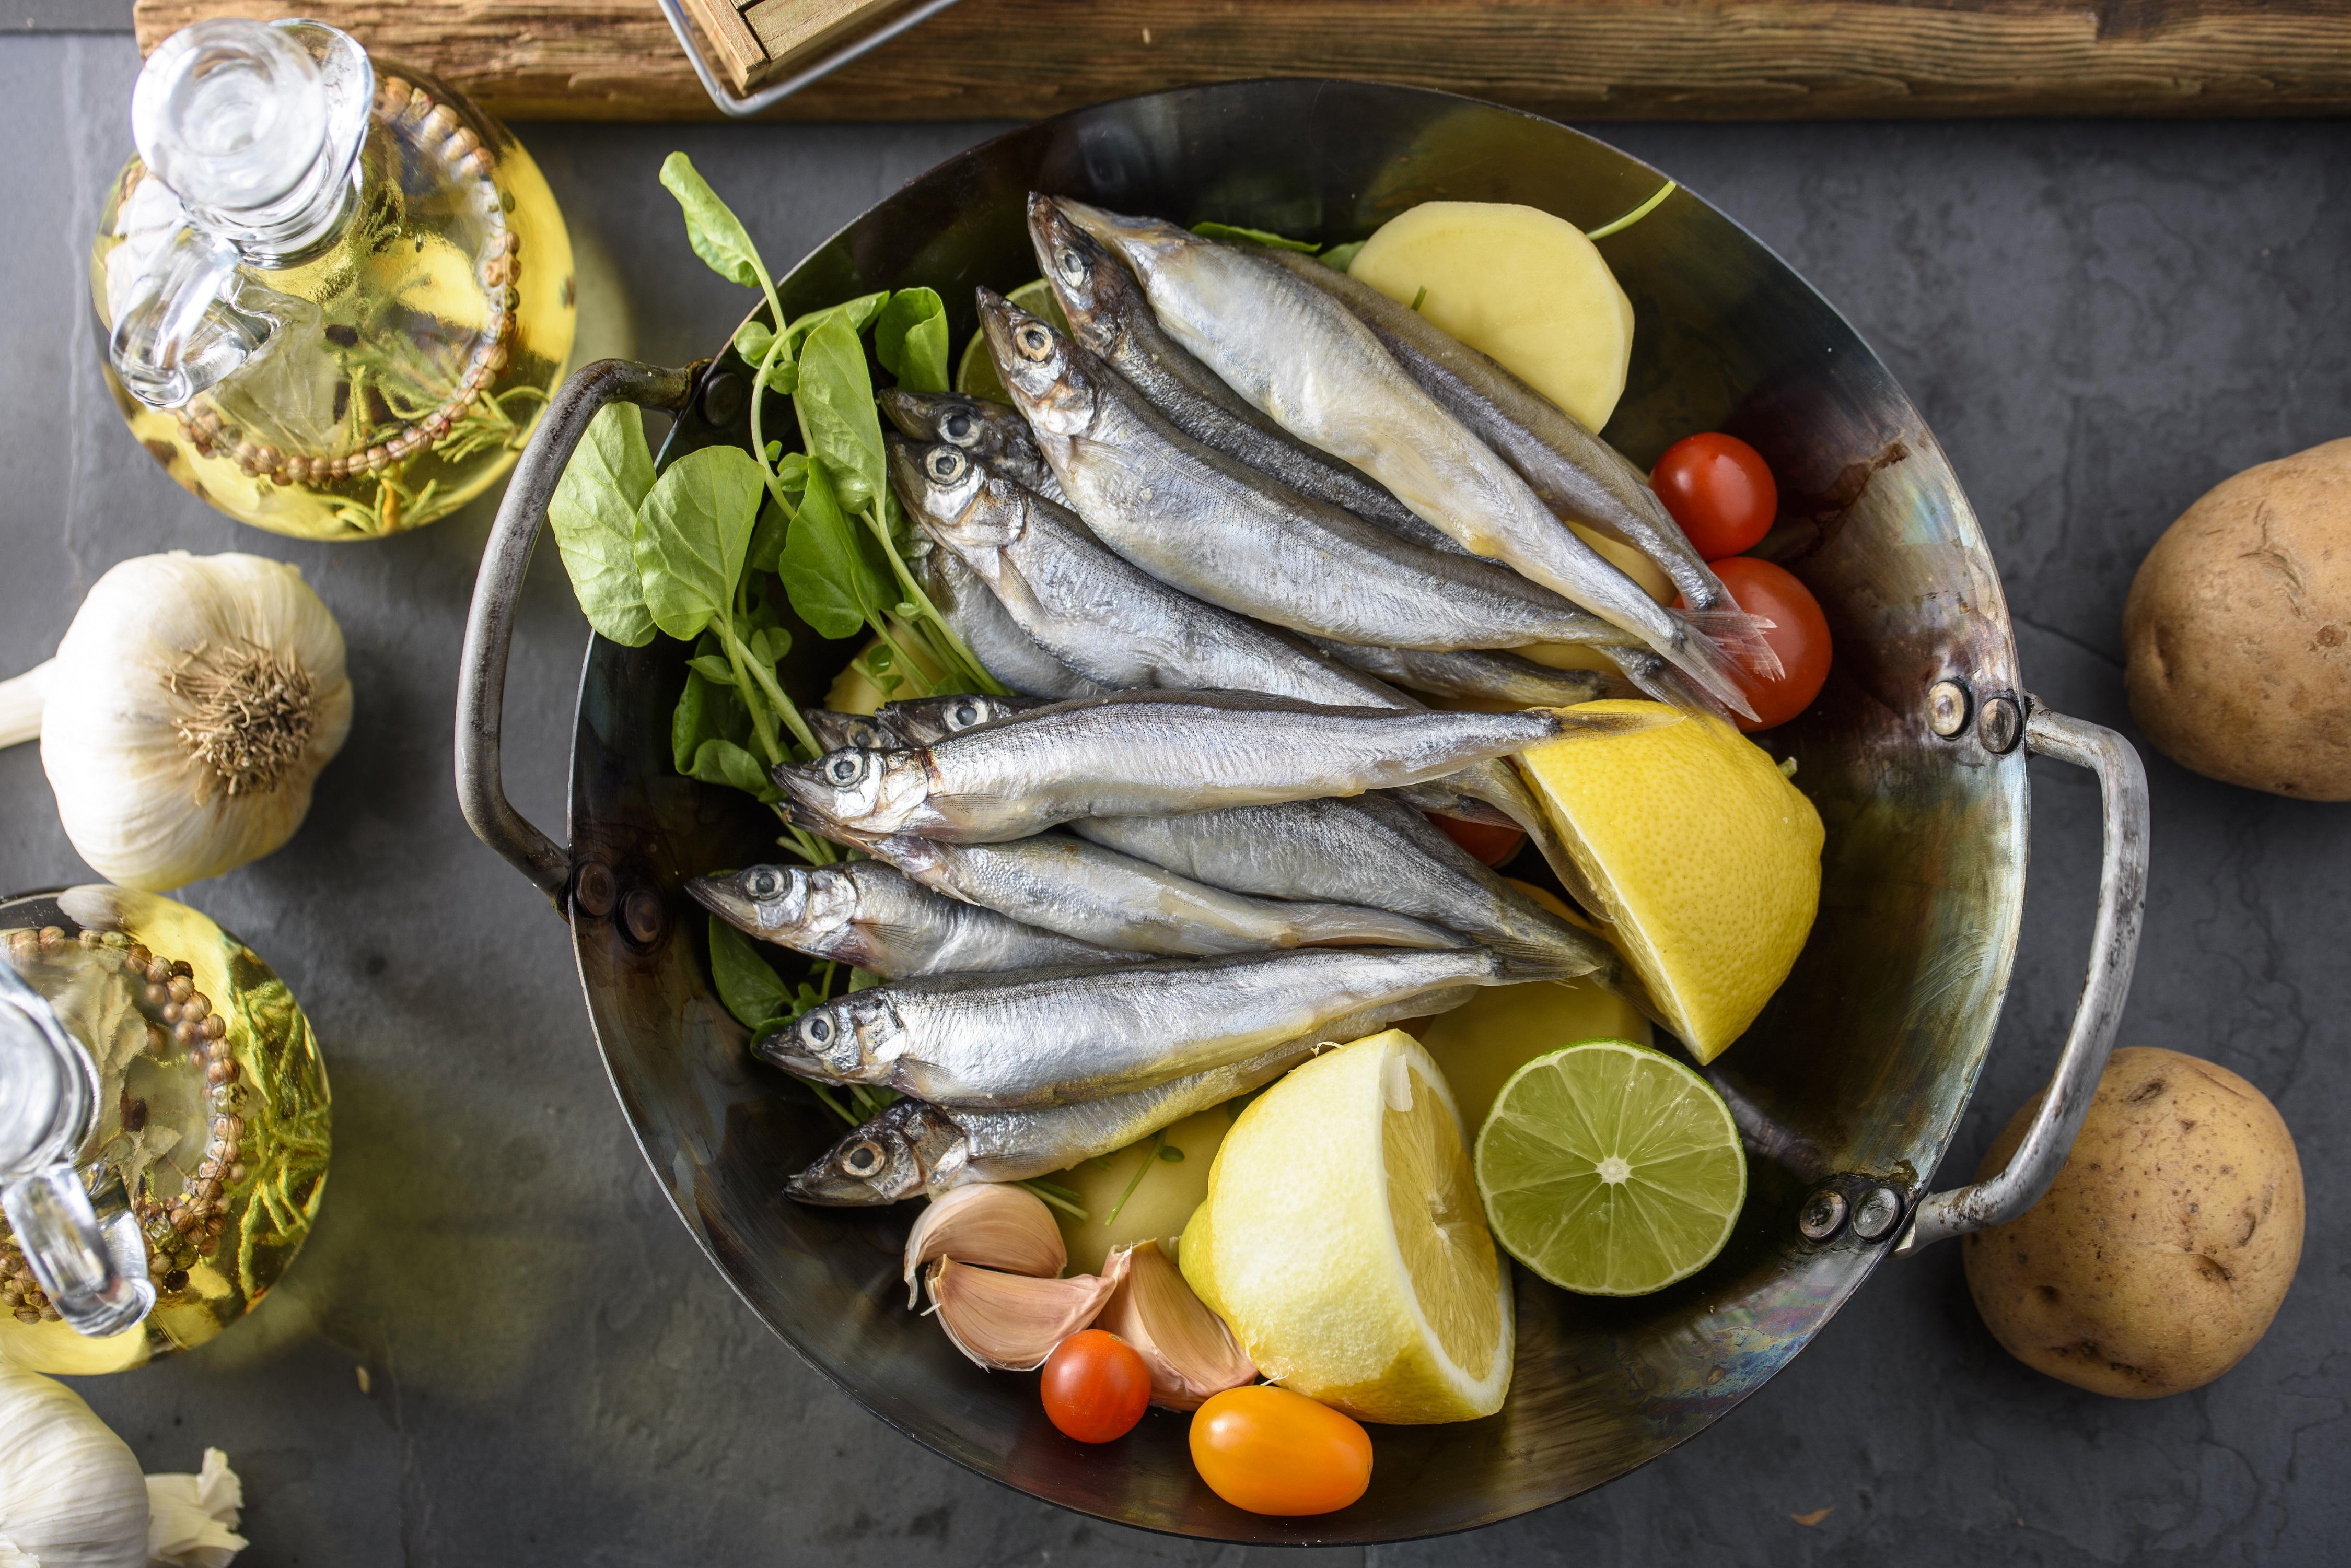 Riblji složenac – lonac pun nevjerojatno dobrih okusa